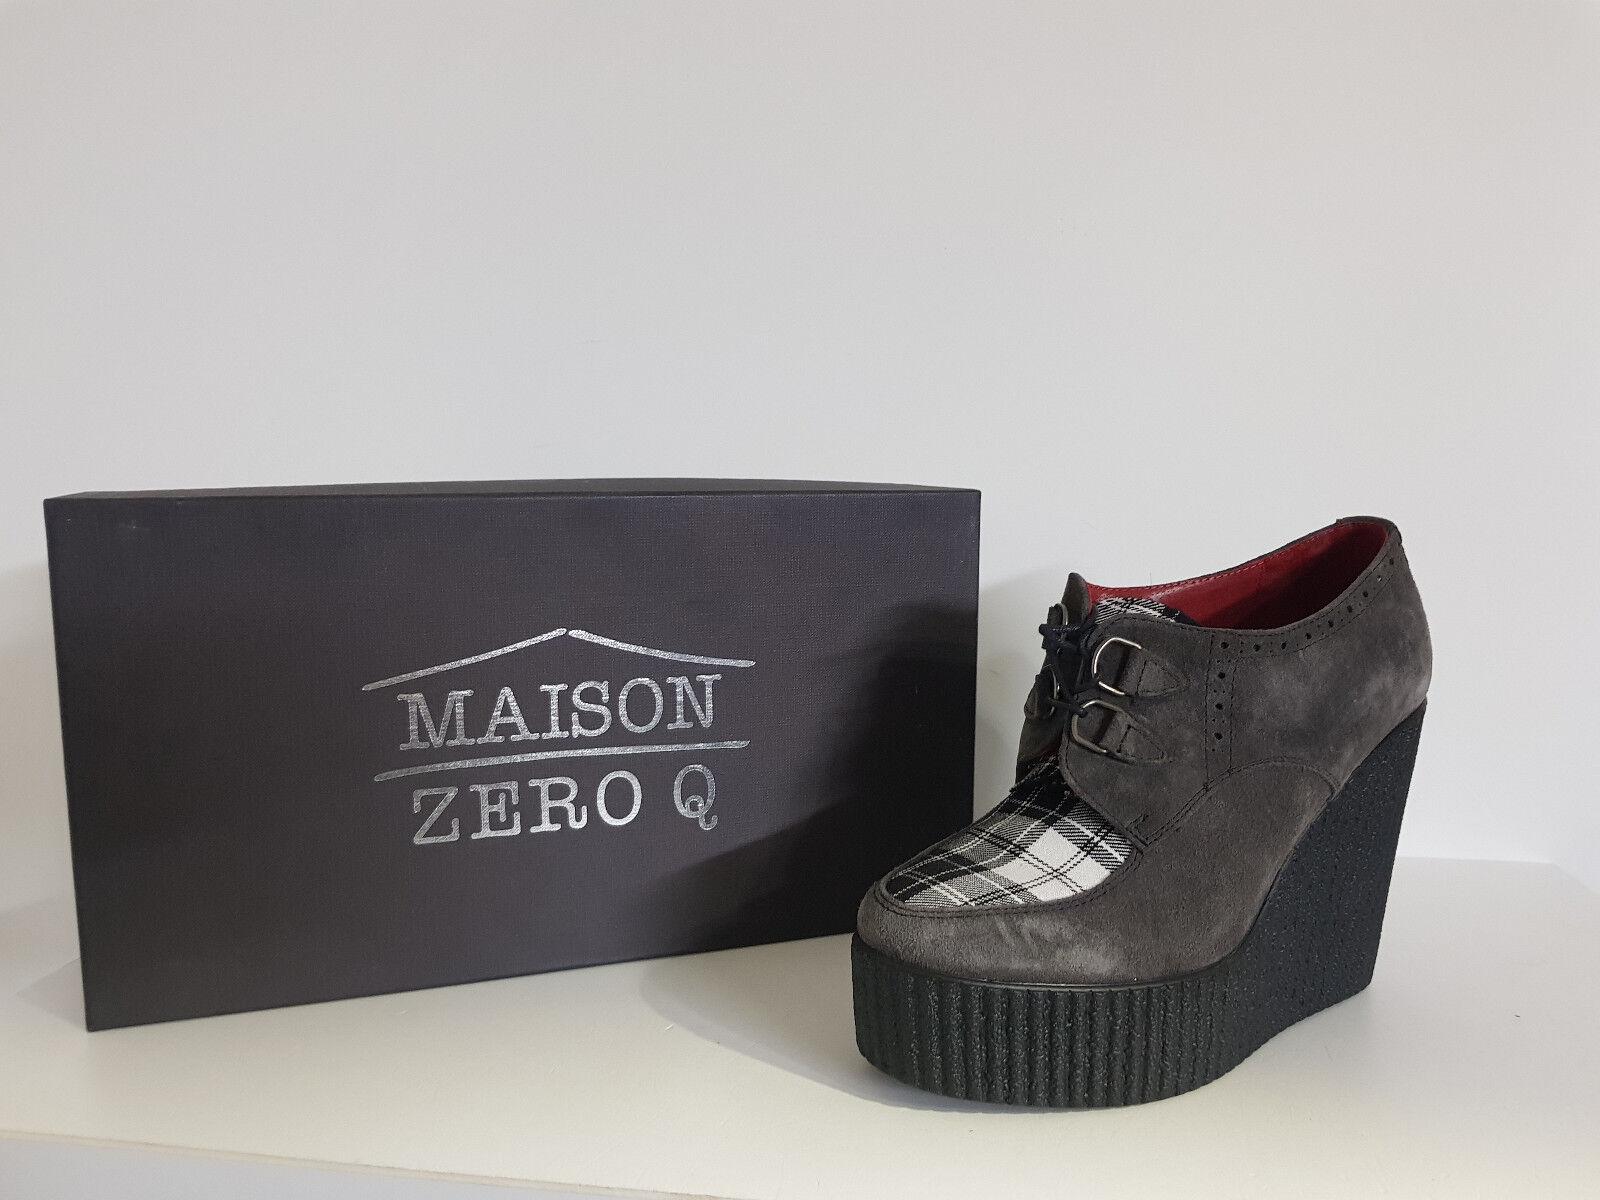 Damenschuh Maison Zero Q Rabatt. -75% Art.zq 42507 Col.grau Schottisch